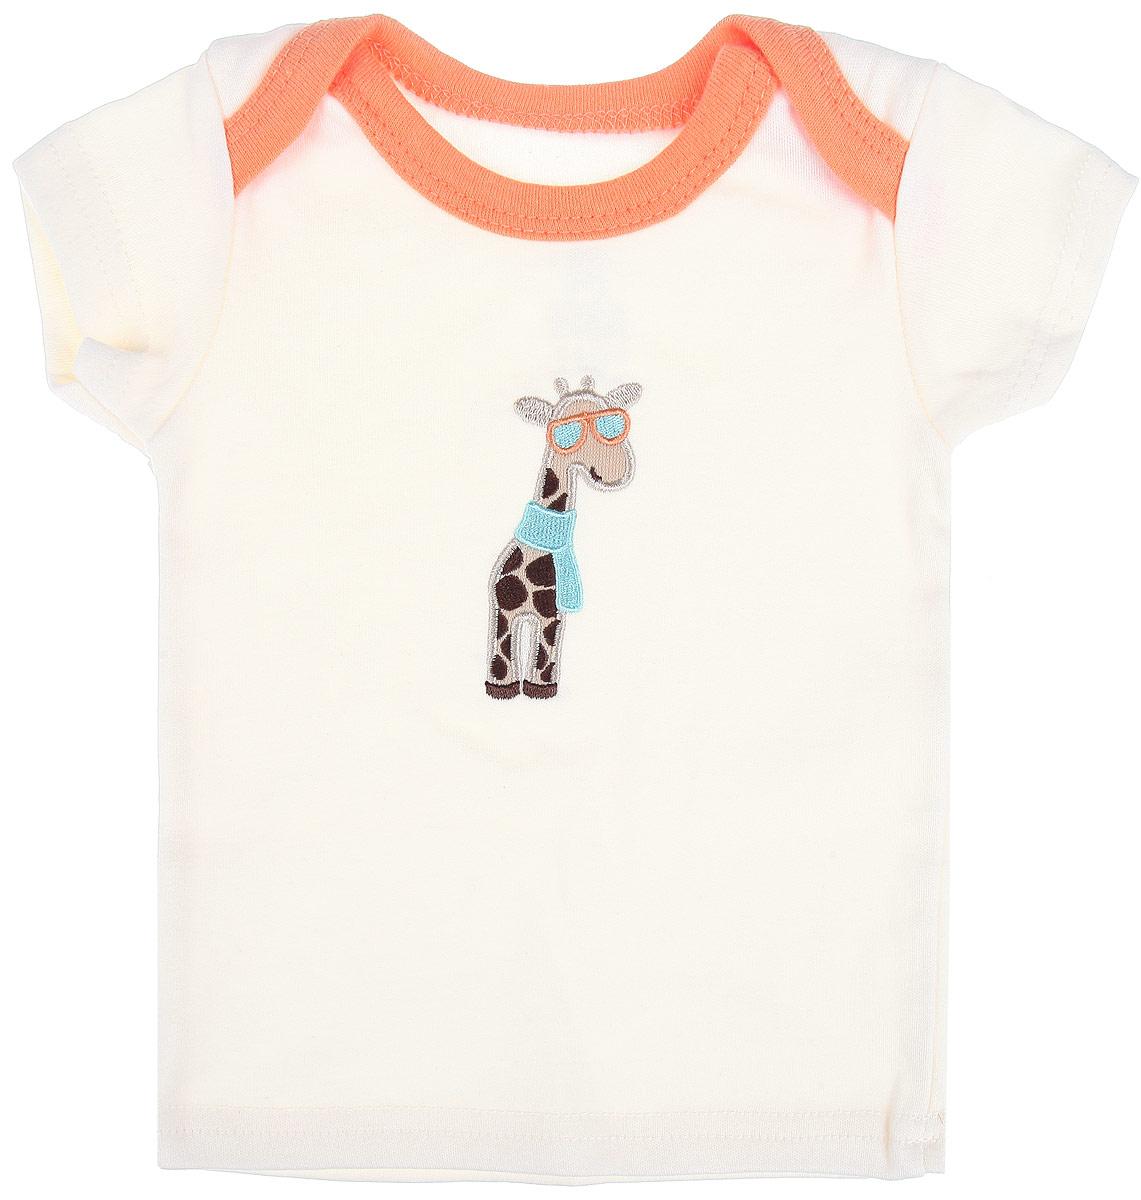 Hudson Baby Подарочный комплект для новорожденного Жираф, 5 предметов. 58103